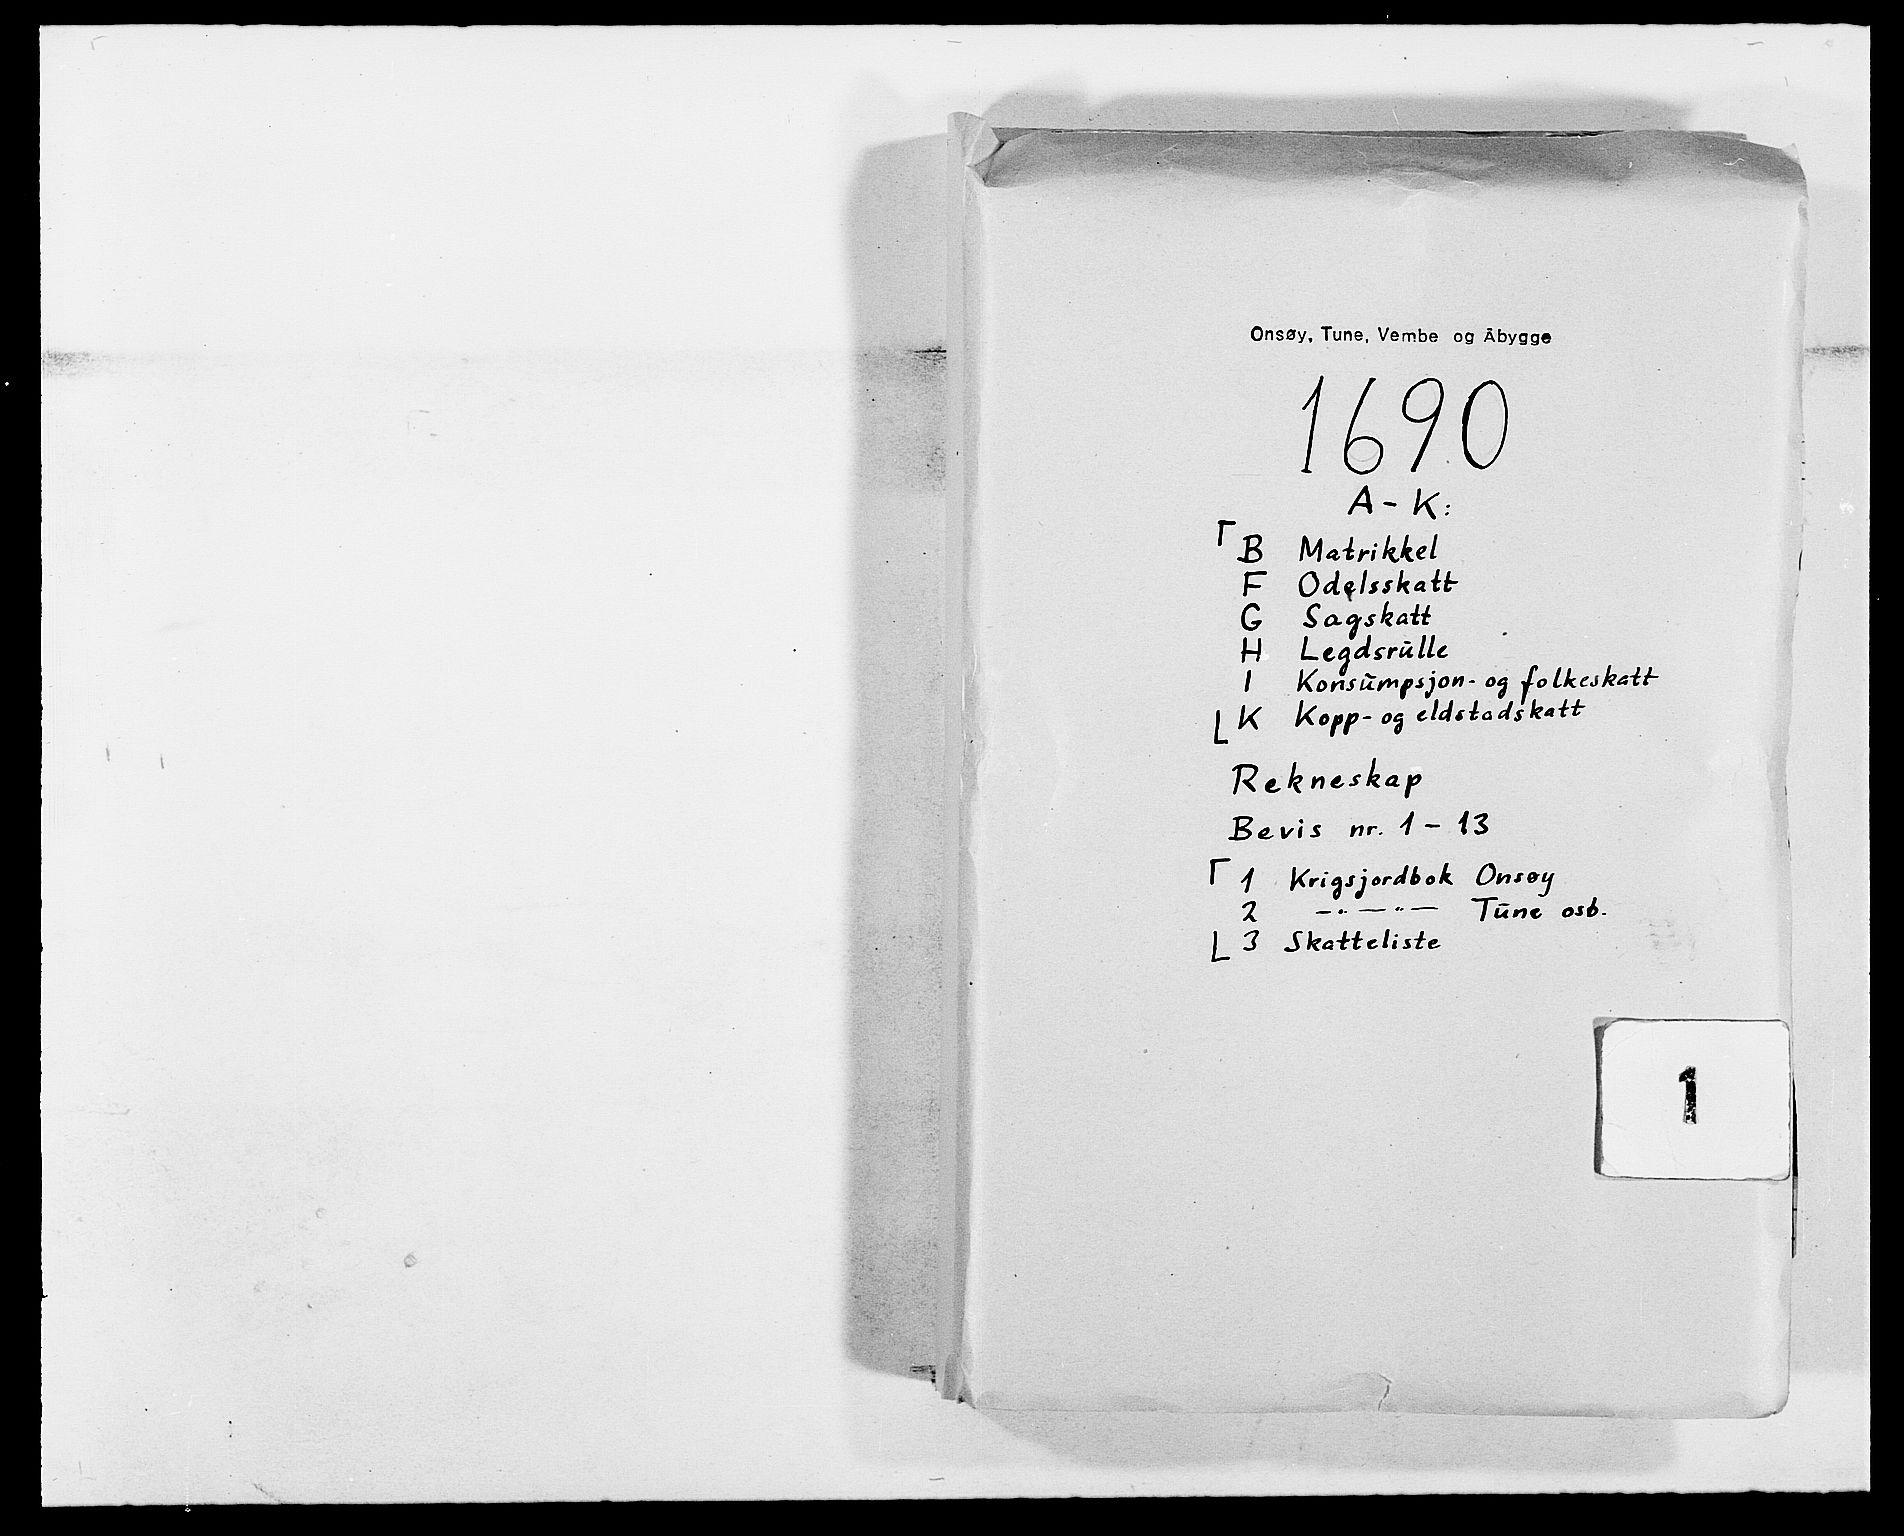 RA, Rentekammeret inntil 1814, Reviderte regnskaper, Fogderegnskap, R03/L0119: Fogderegnskap Onsøy, Tune, Veme og Åbygge fogderi, 1690-1691, s. 1